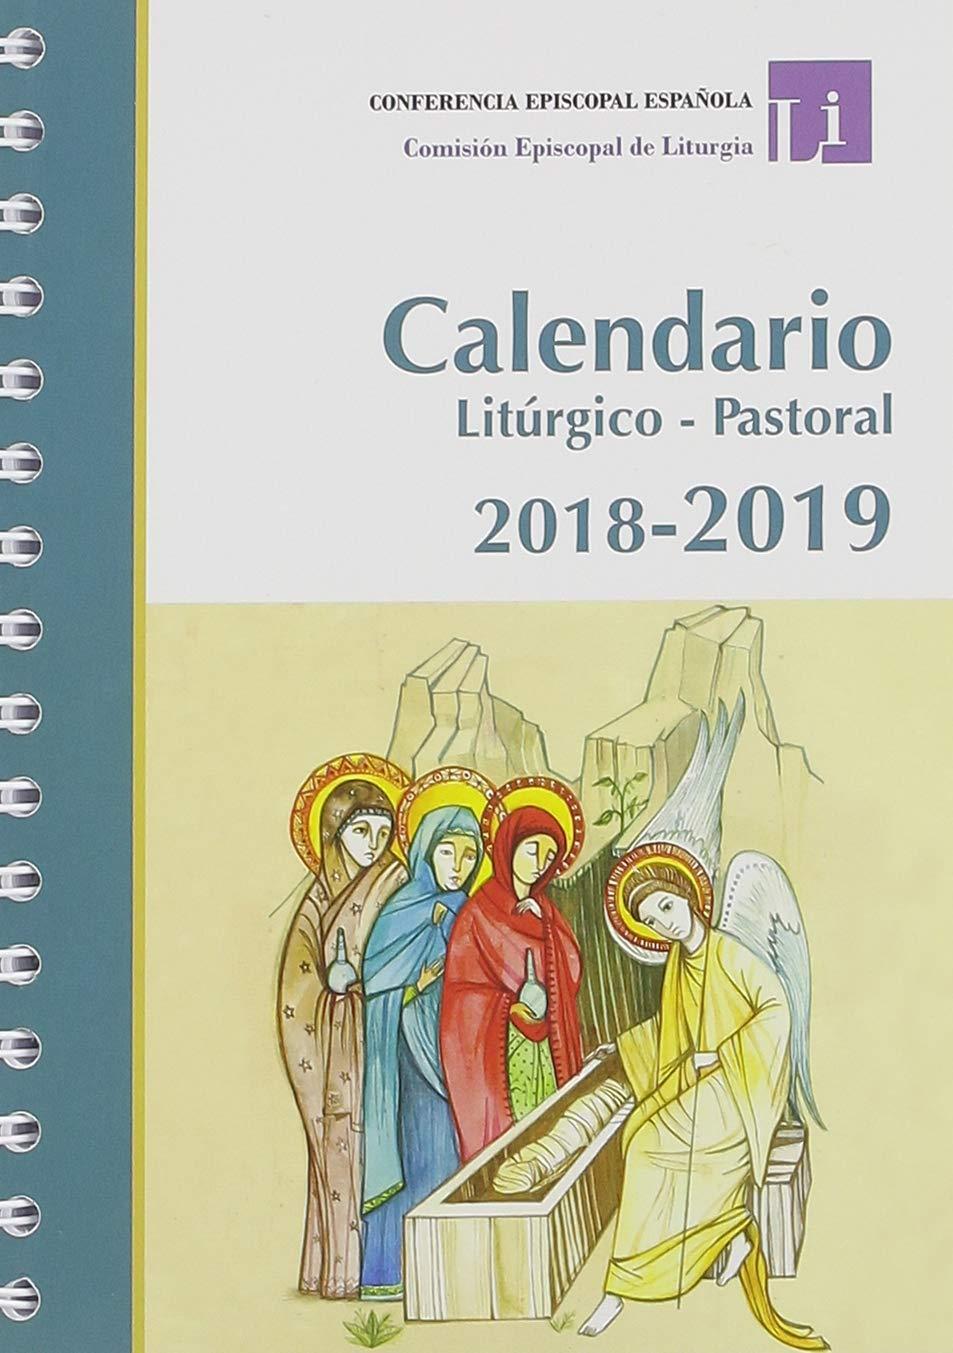 Calendario 1900.Calendario Liturgico 2019 Aa Vv 9788492586967 Amazon Com